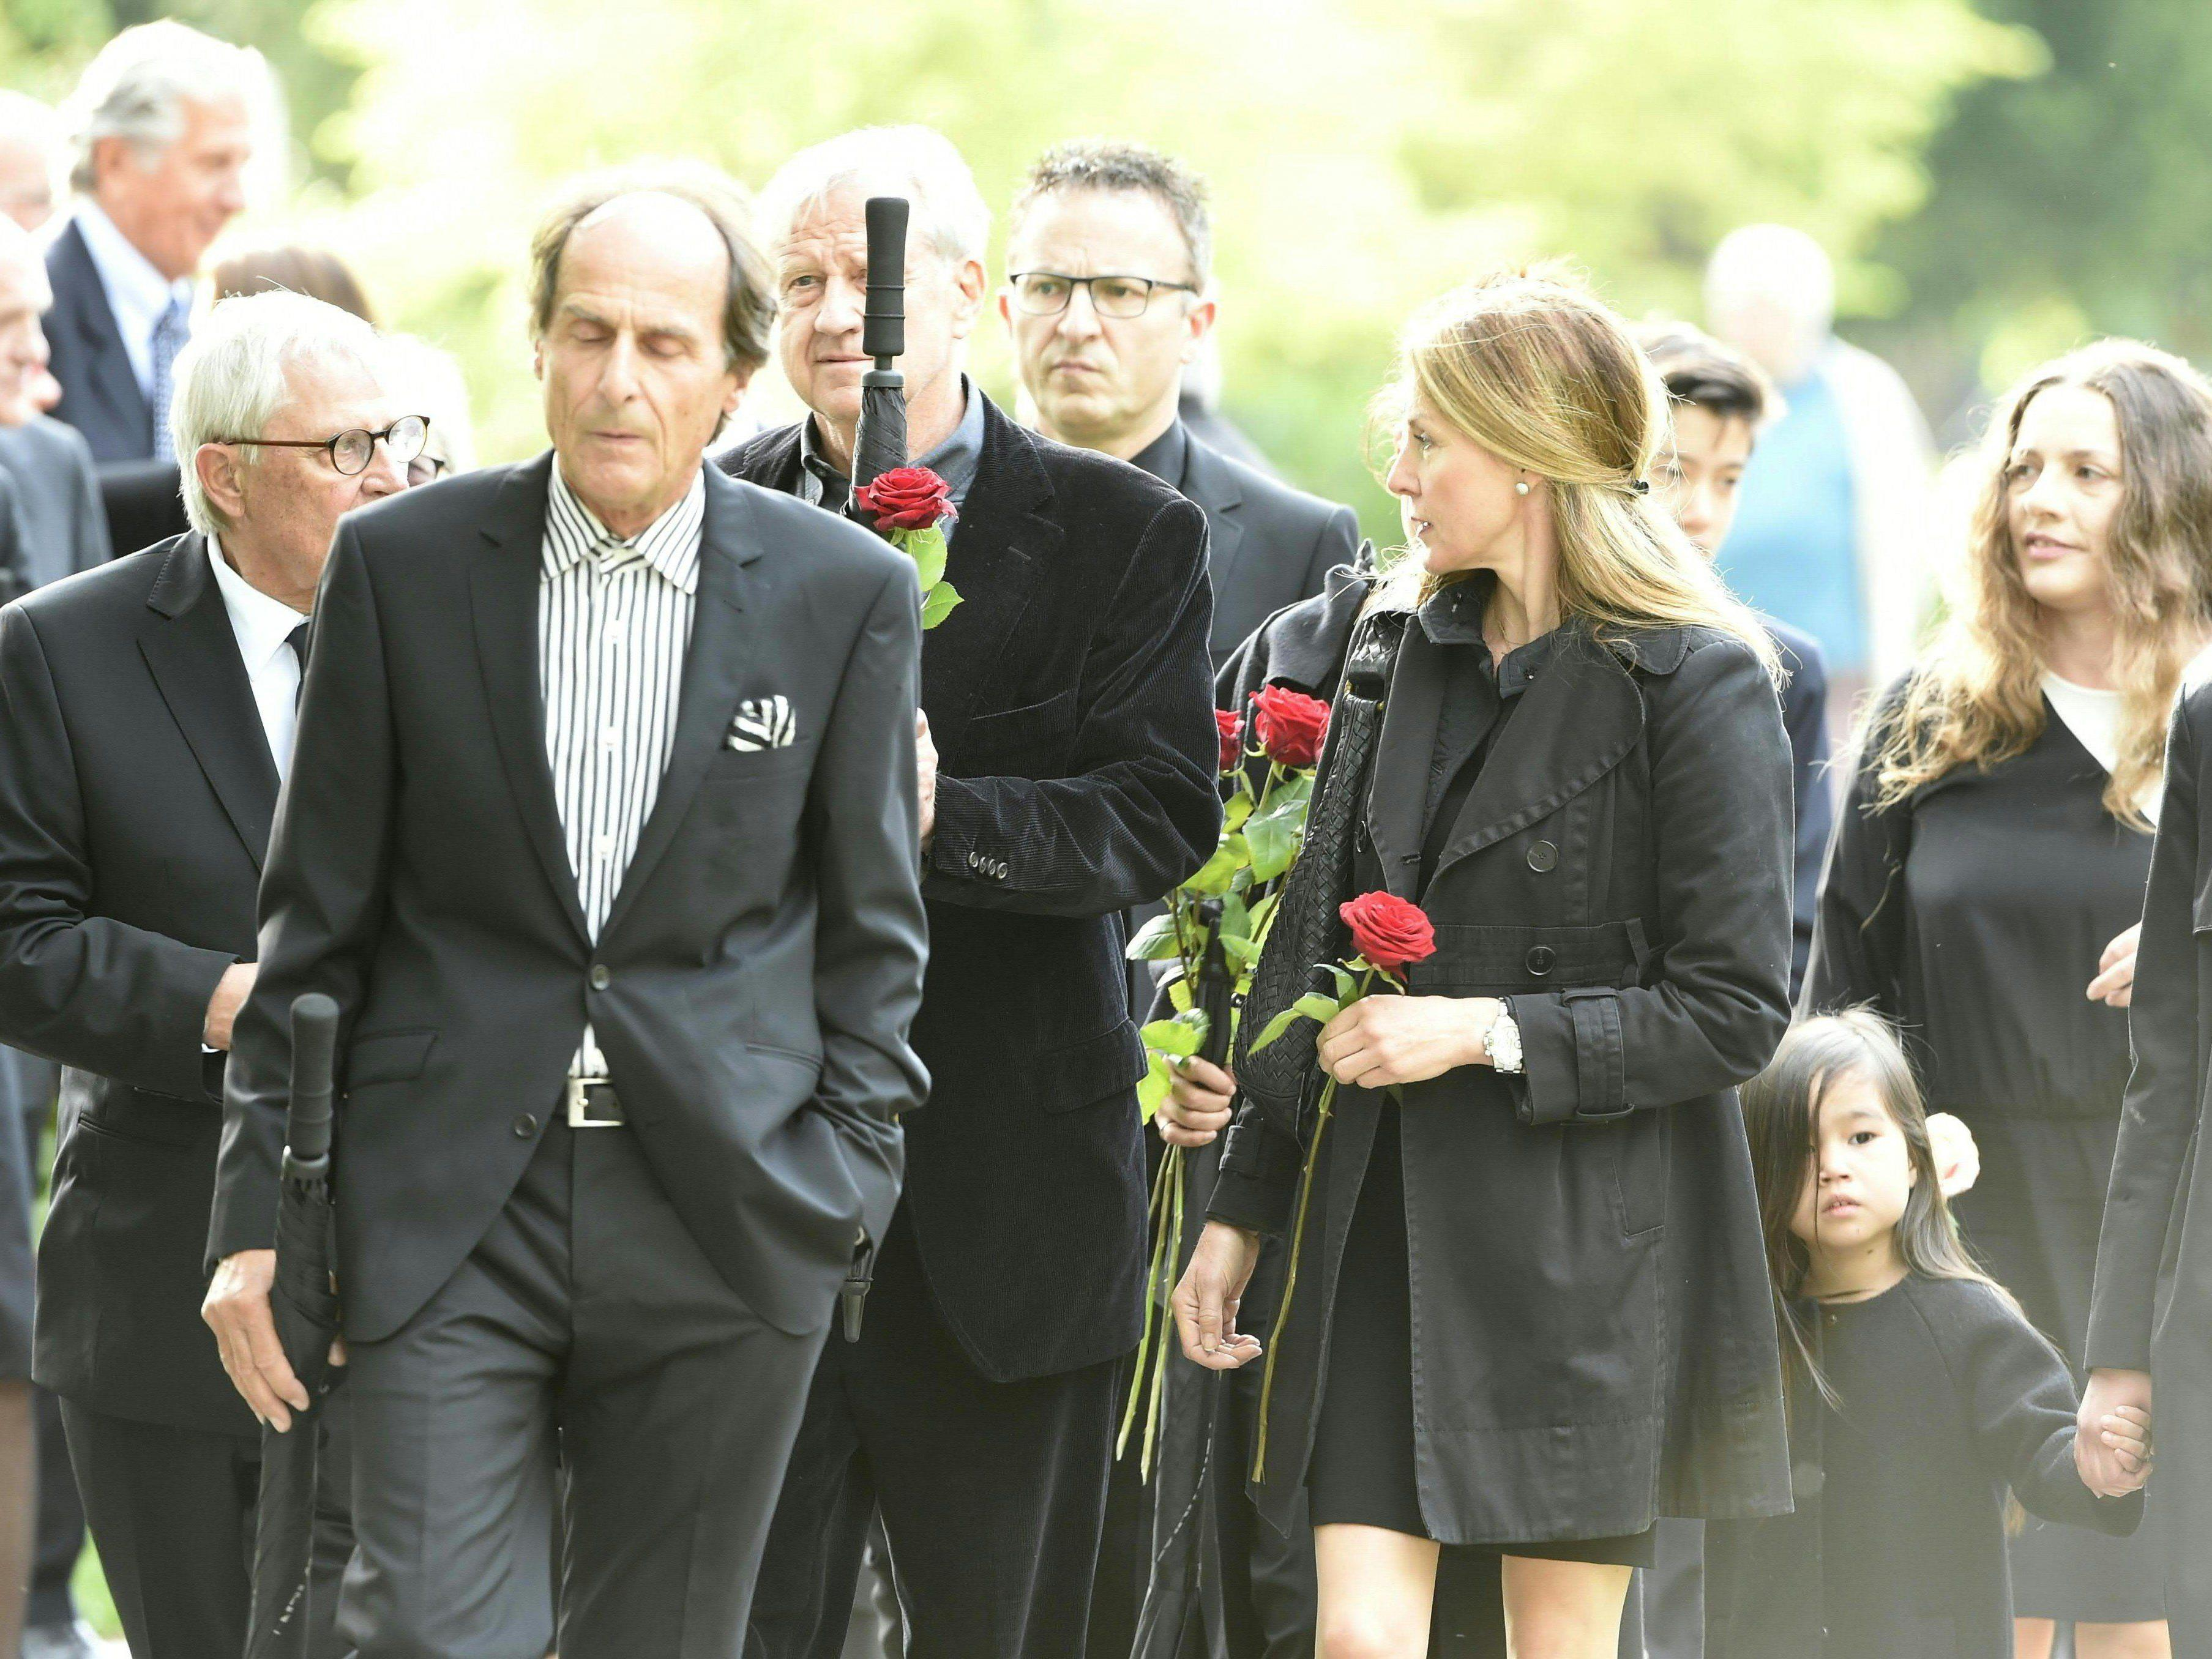 Udo Jürgens Urne wurde am Samstag am Wiener Zentralfriedhof beigesetzt.